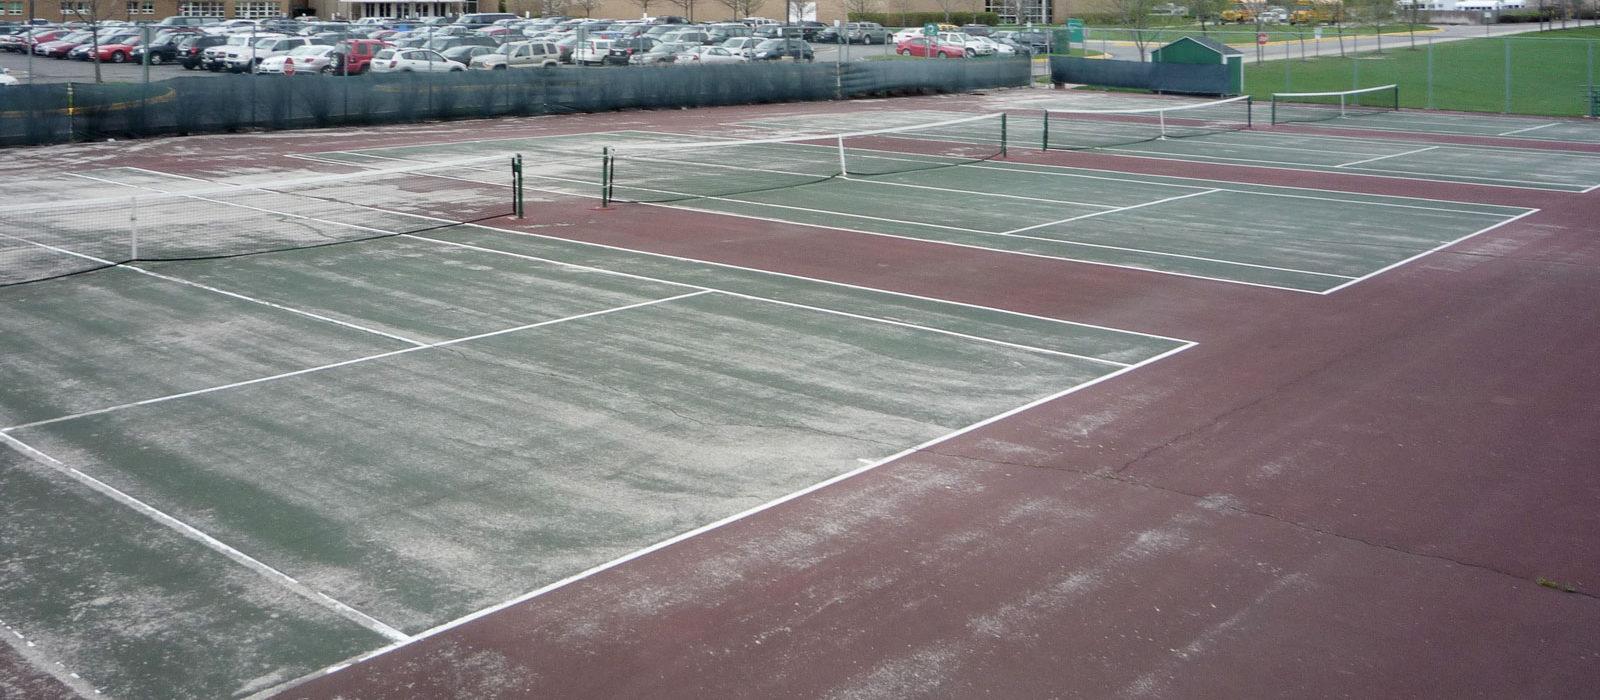 Cancha de tenis, antes